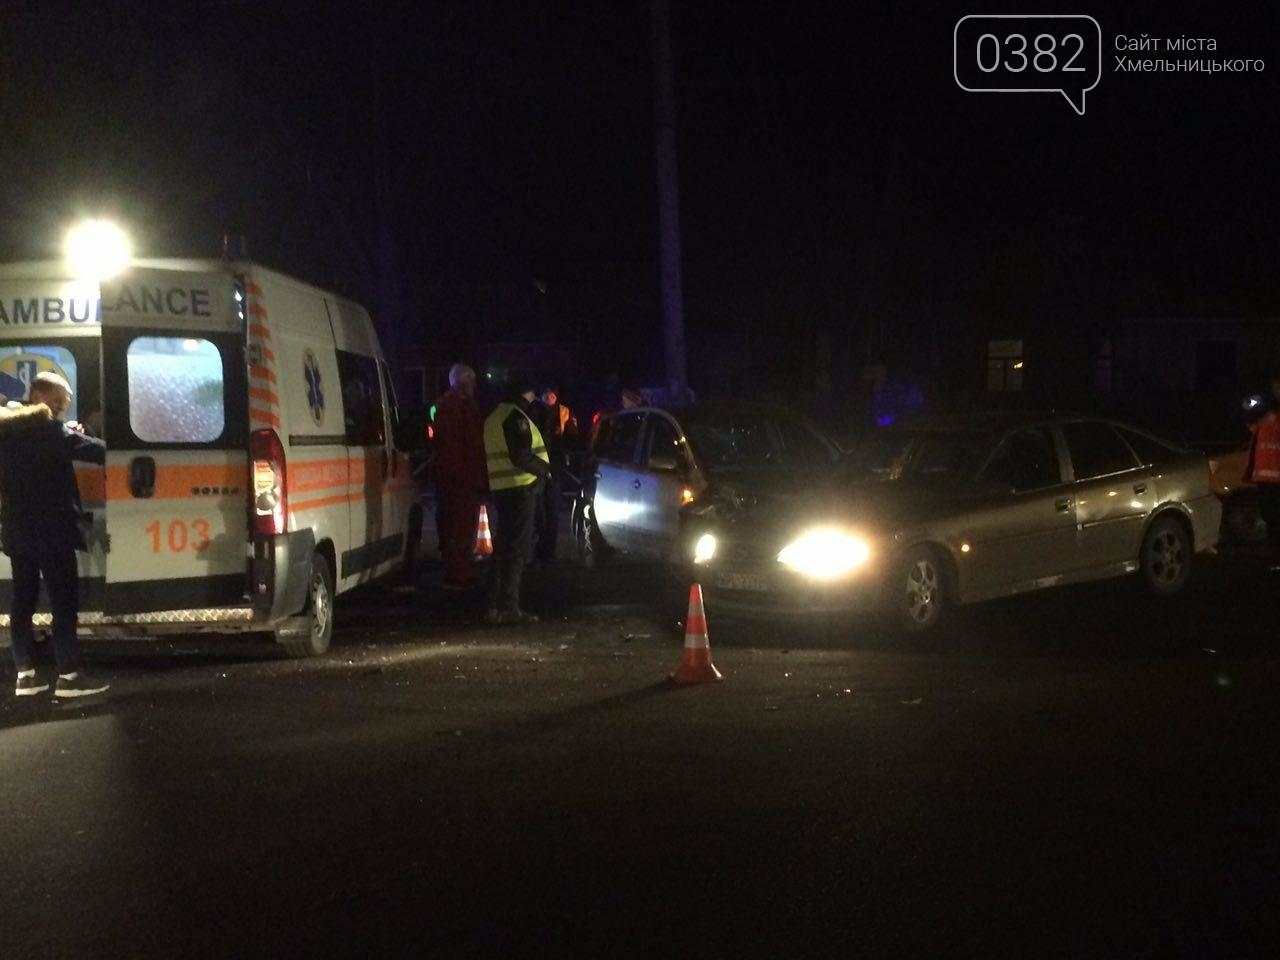 В аварії на Кам'янецькій постраждали 4 людини. ФОТО, фото-2